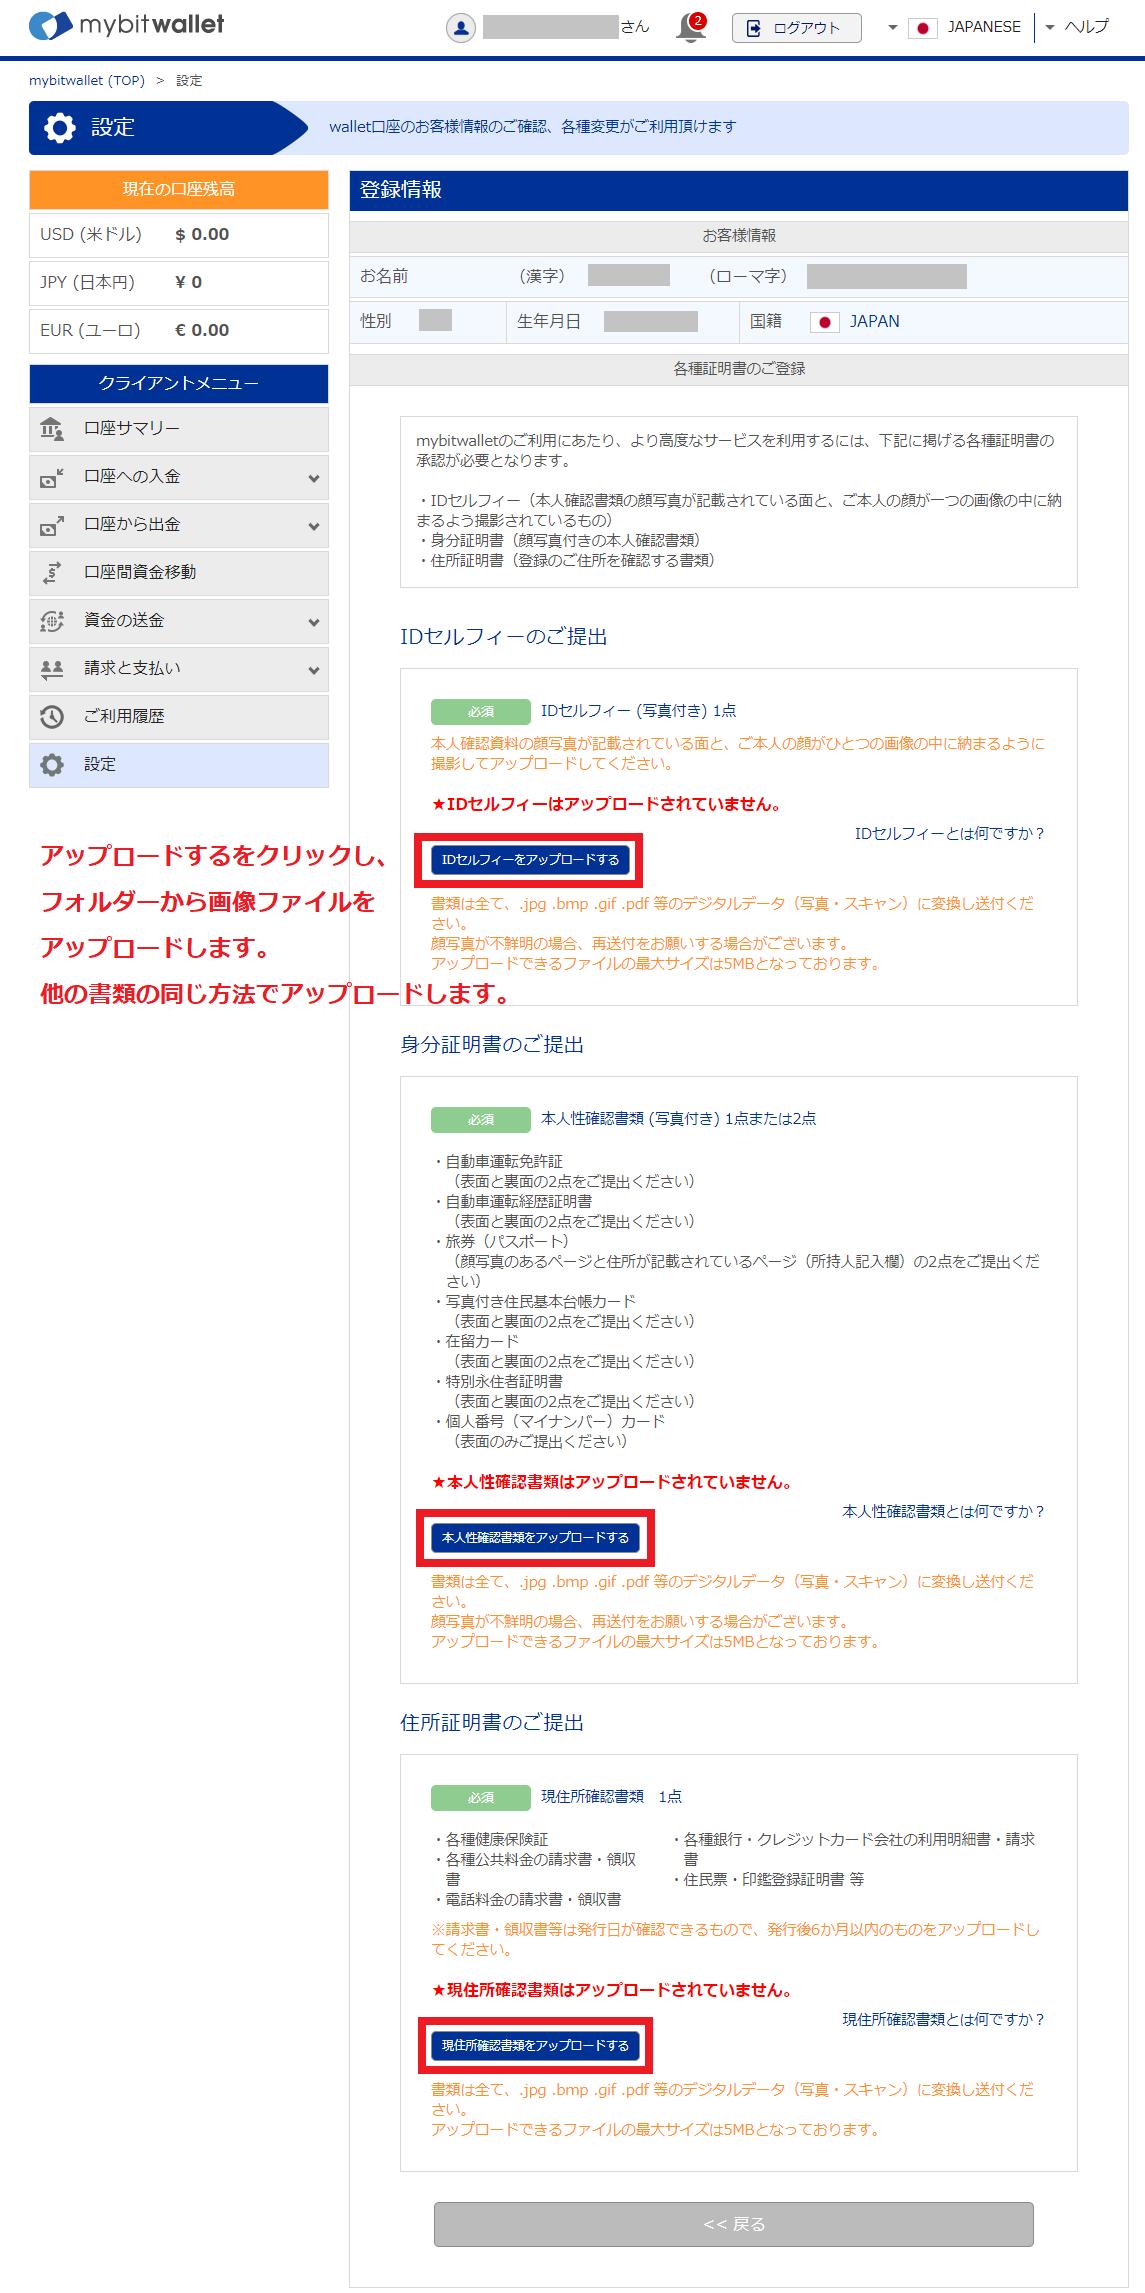 海外FX mybitwallet 本人確認書類のアップロード3